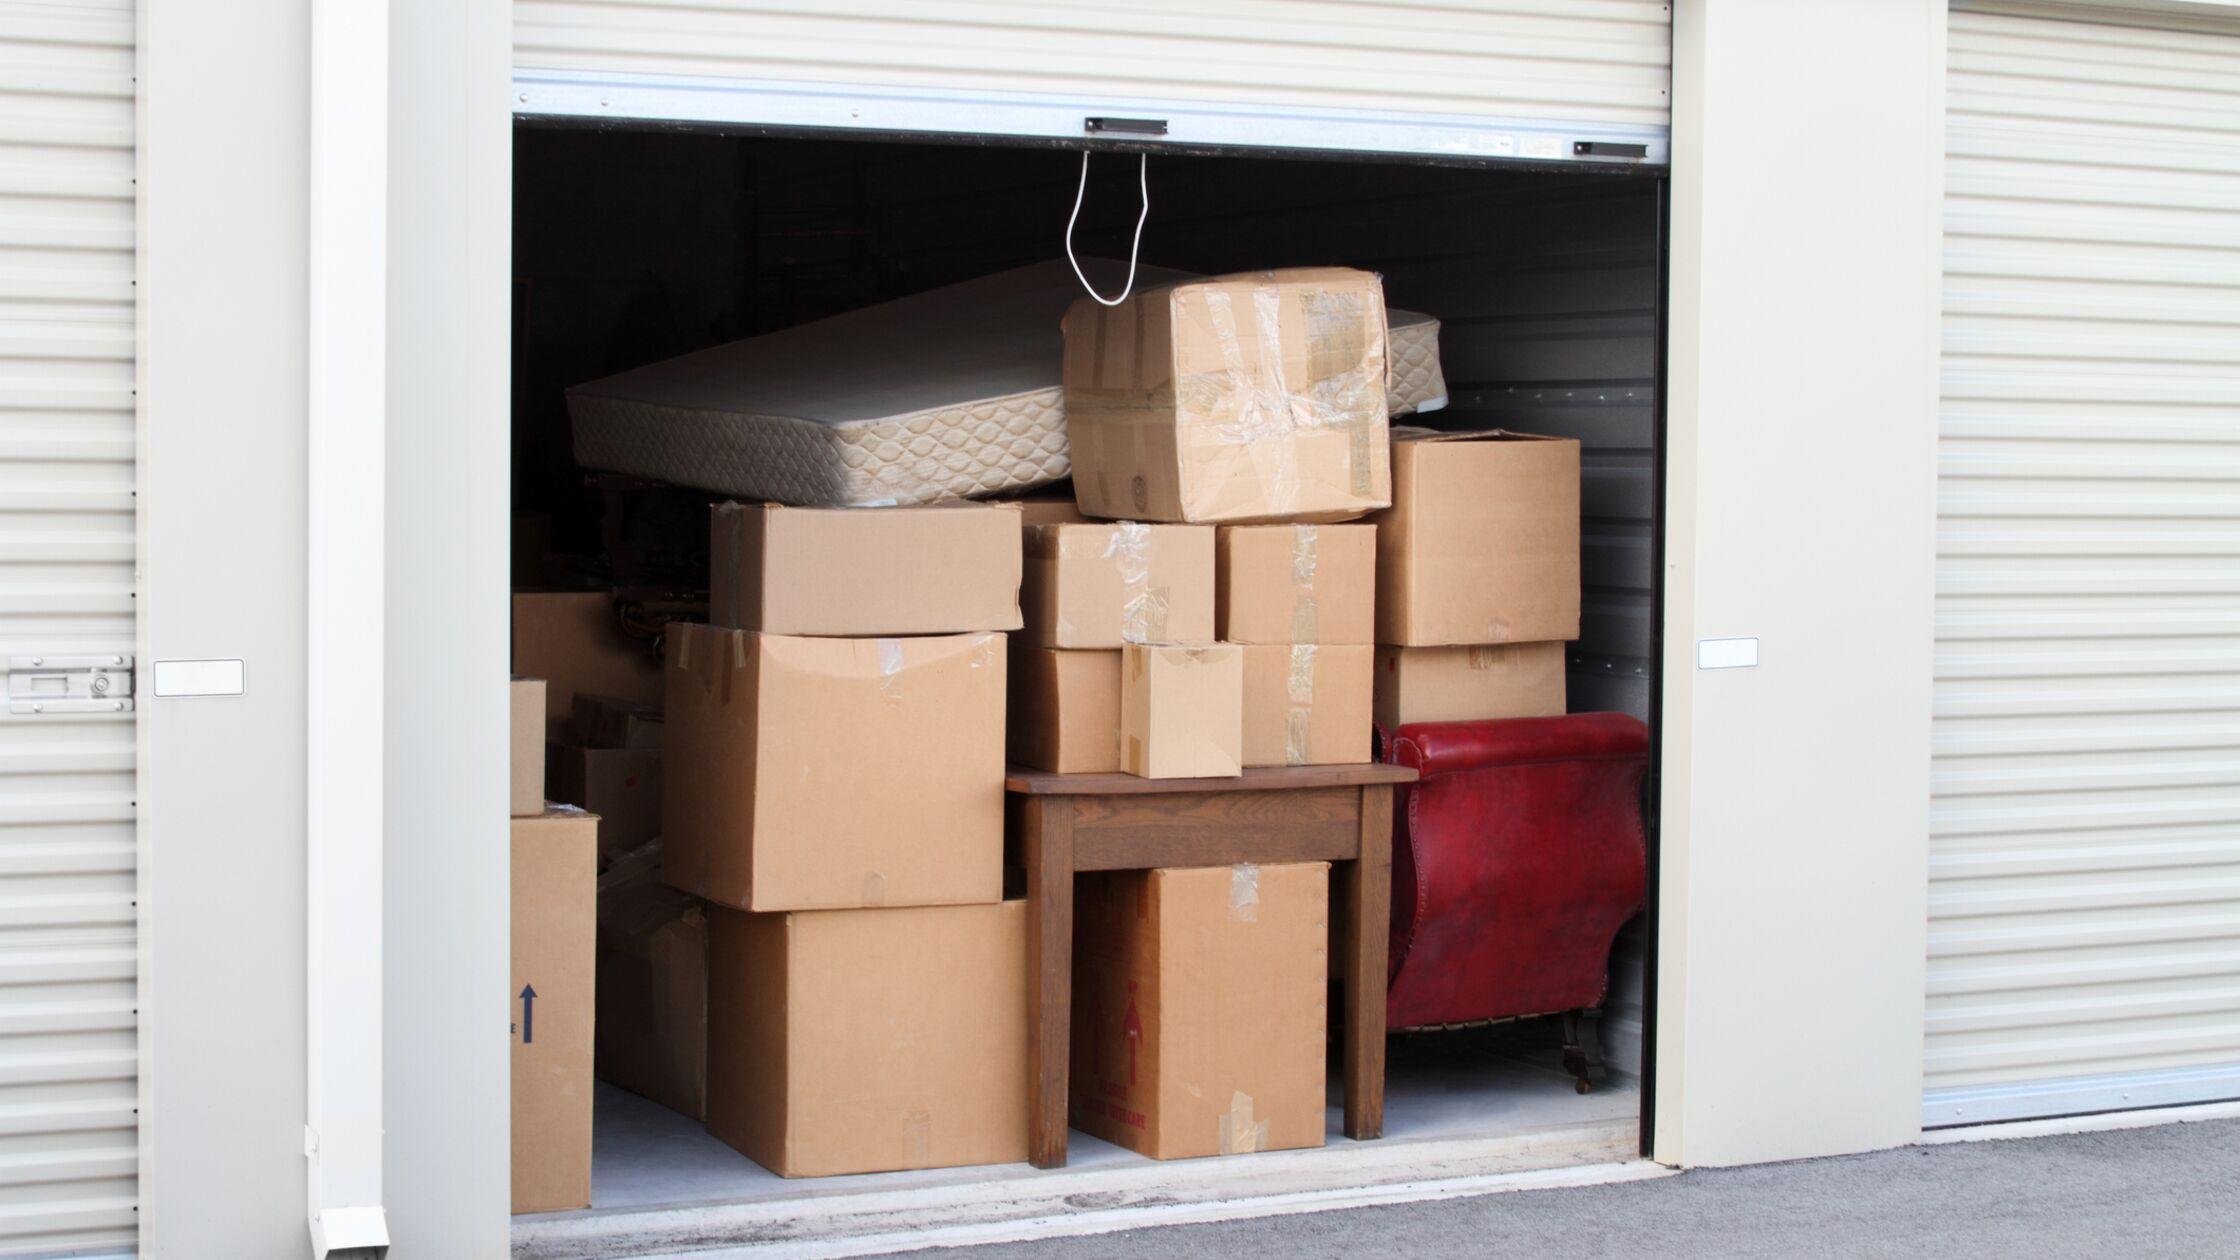 Eingelagerte Möbel und Kartons stehen in einem Selfstorage-Abteil